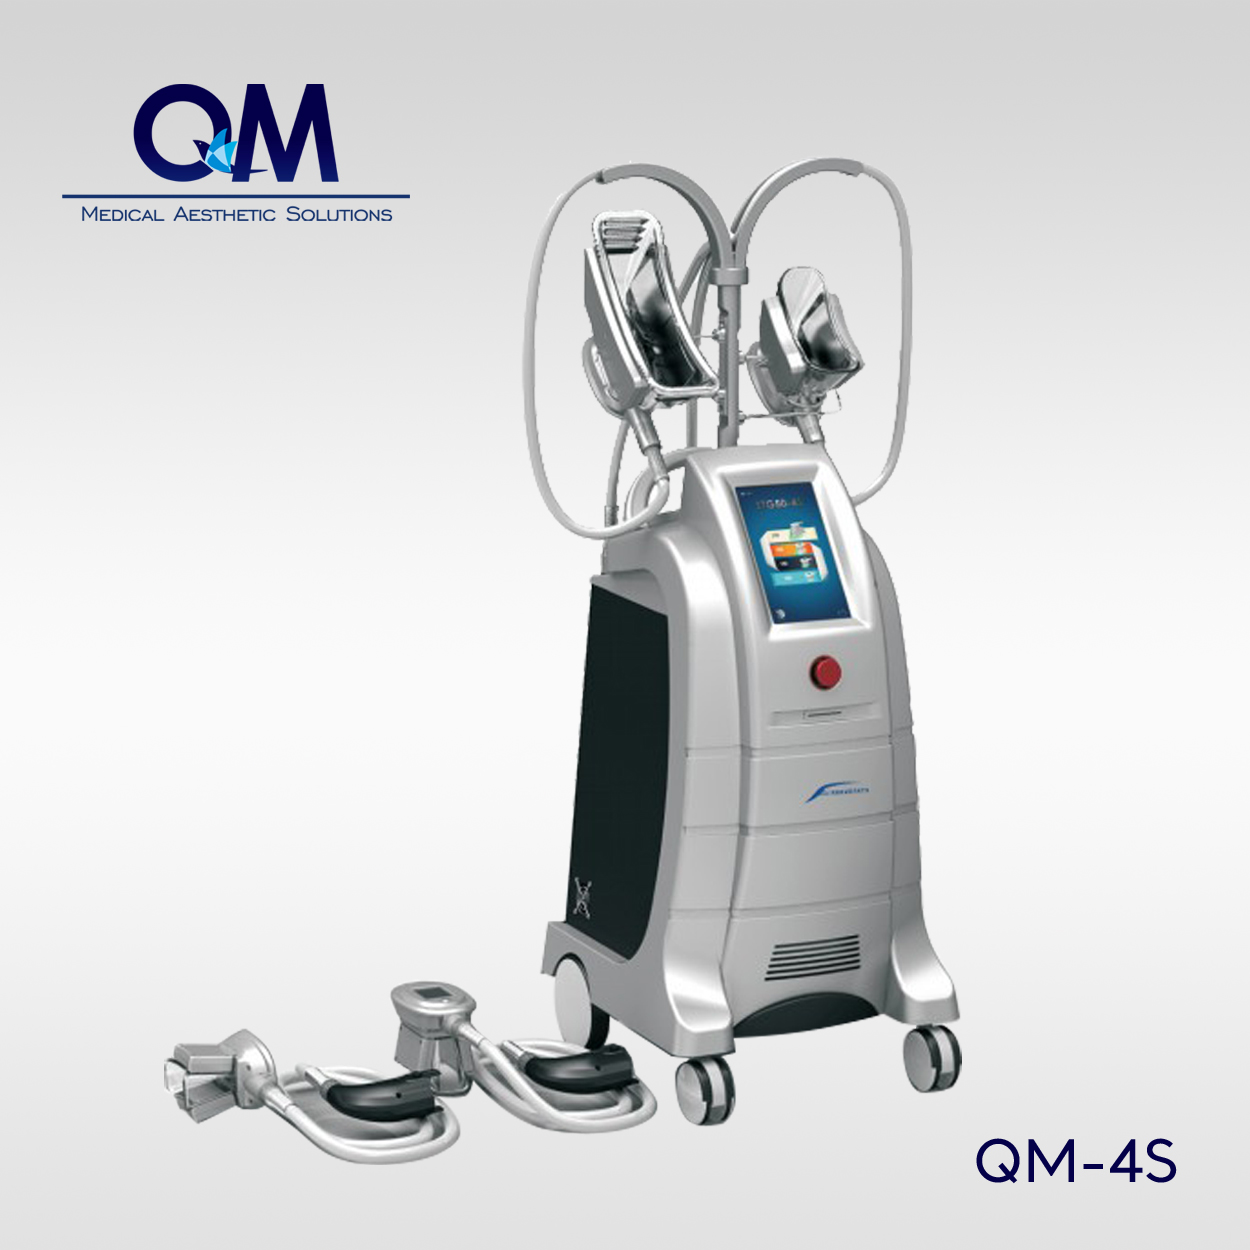 QM-4S